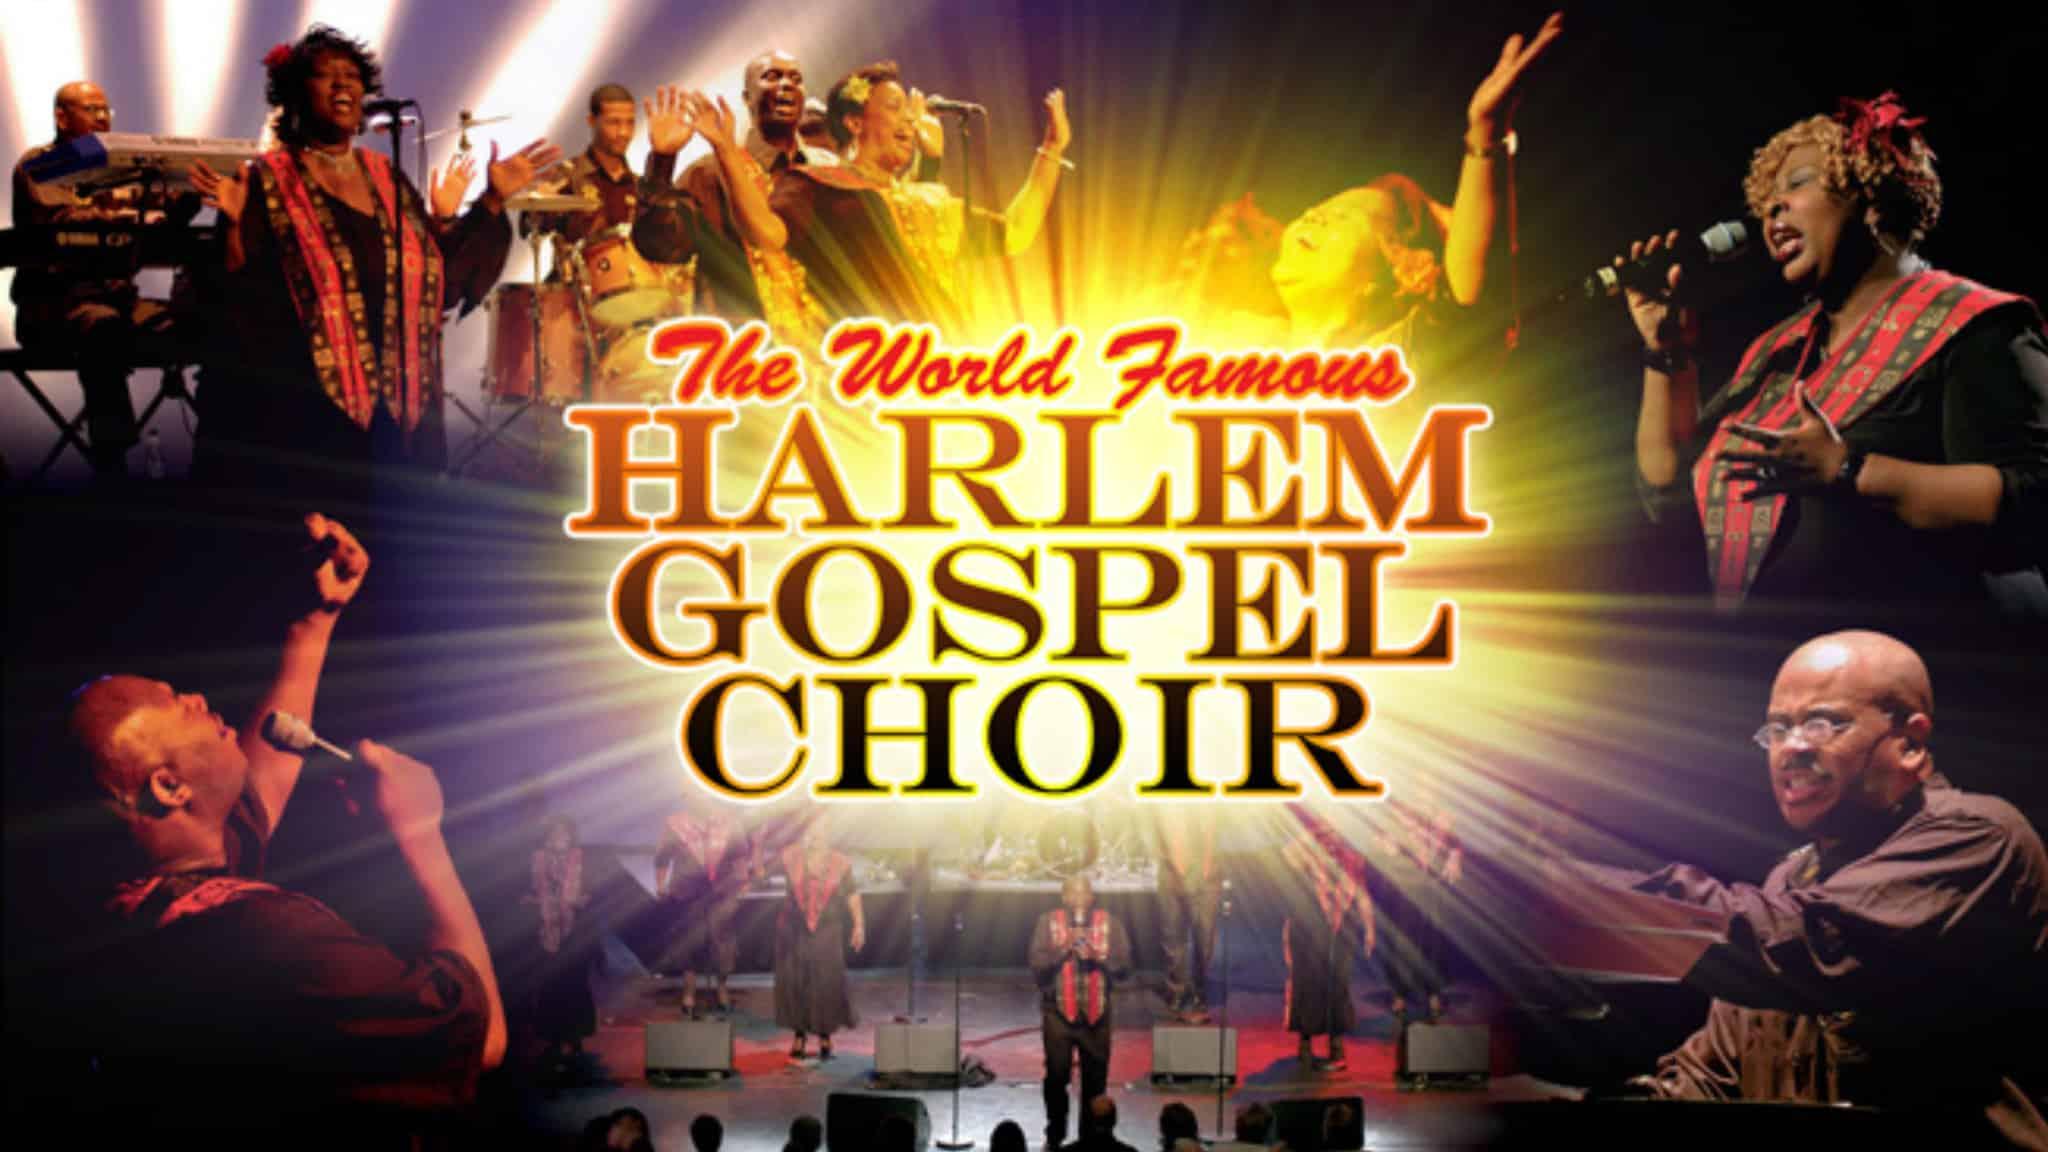 Harlem Gospel Choir Christmas Eve 2020 Harlem Gospel Choir   Christmas Eve Night Show   Sony Hall